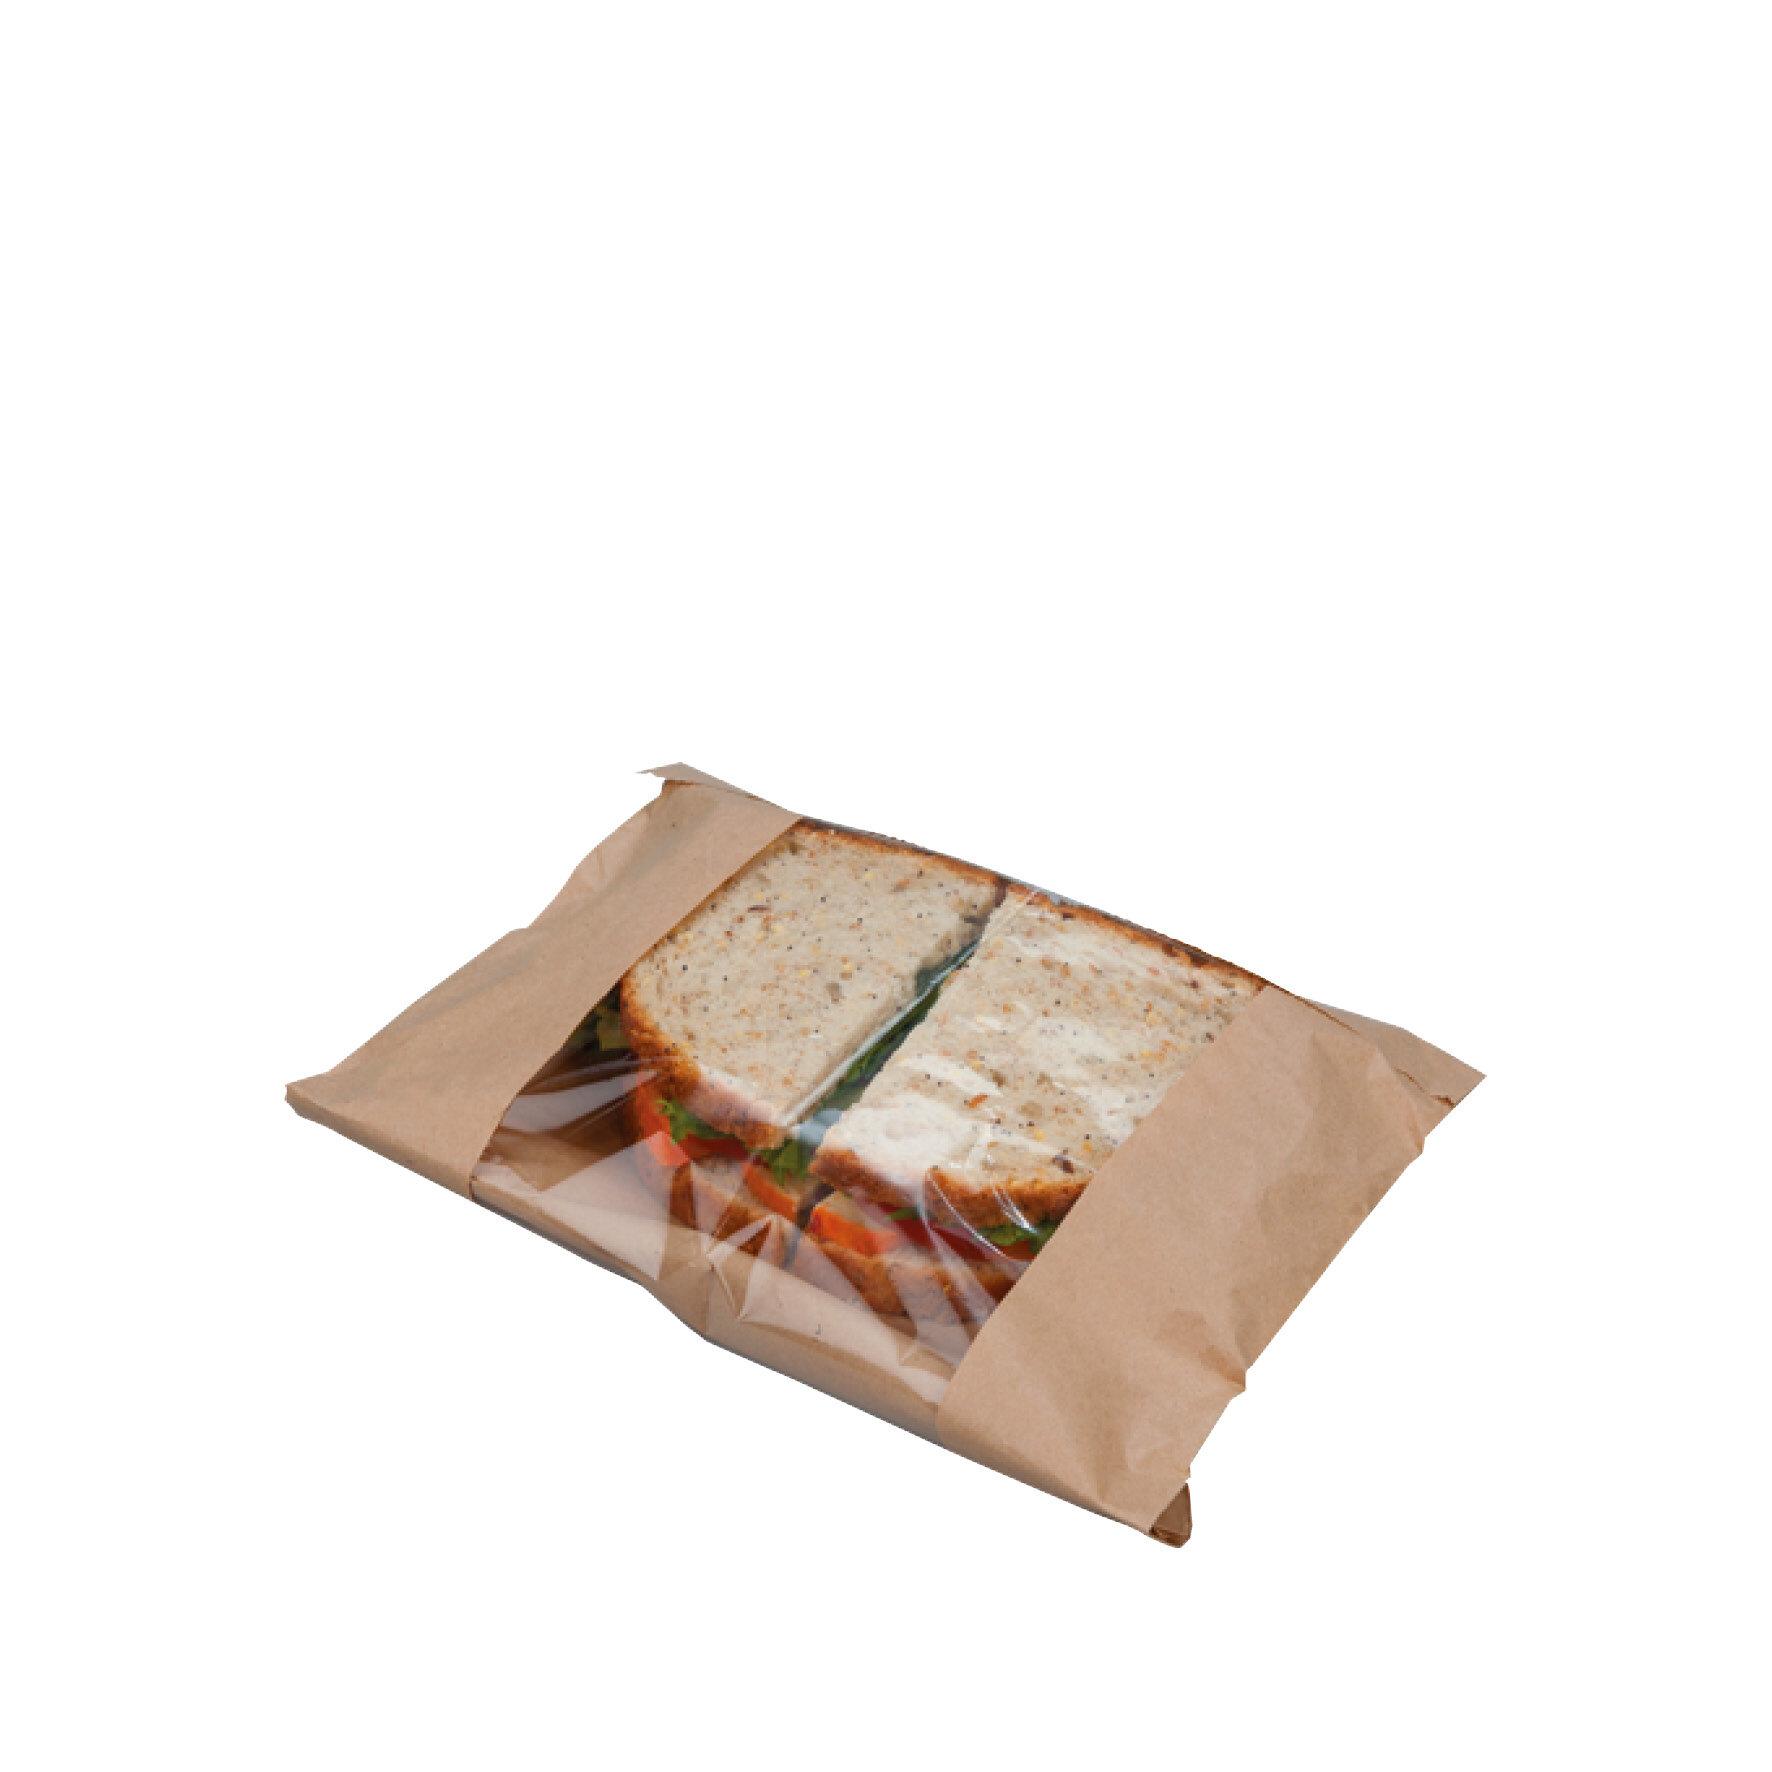 WEBAbag  Flachbeutel Kraft mit  Zellglas-Sichtstreifen mittig    individuell bedruckbar, Monomaterial, kompostierbar